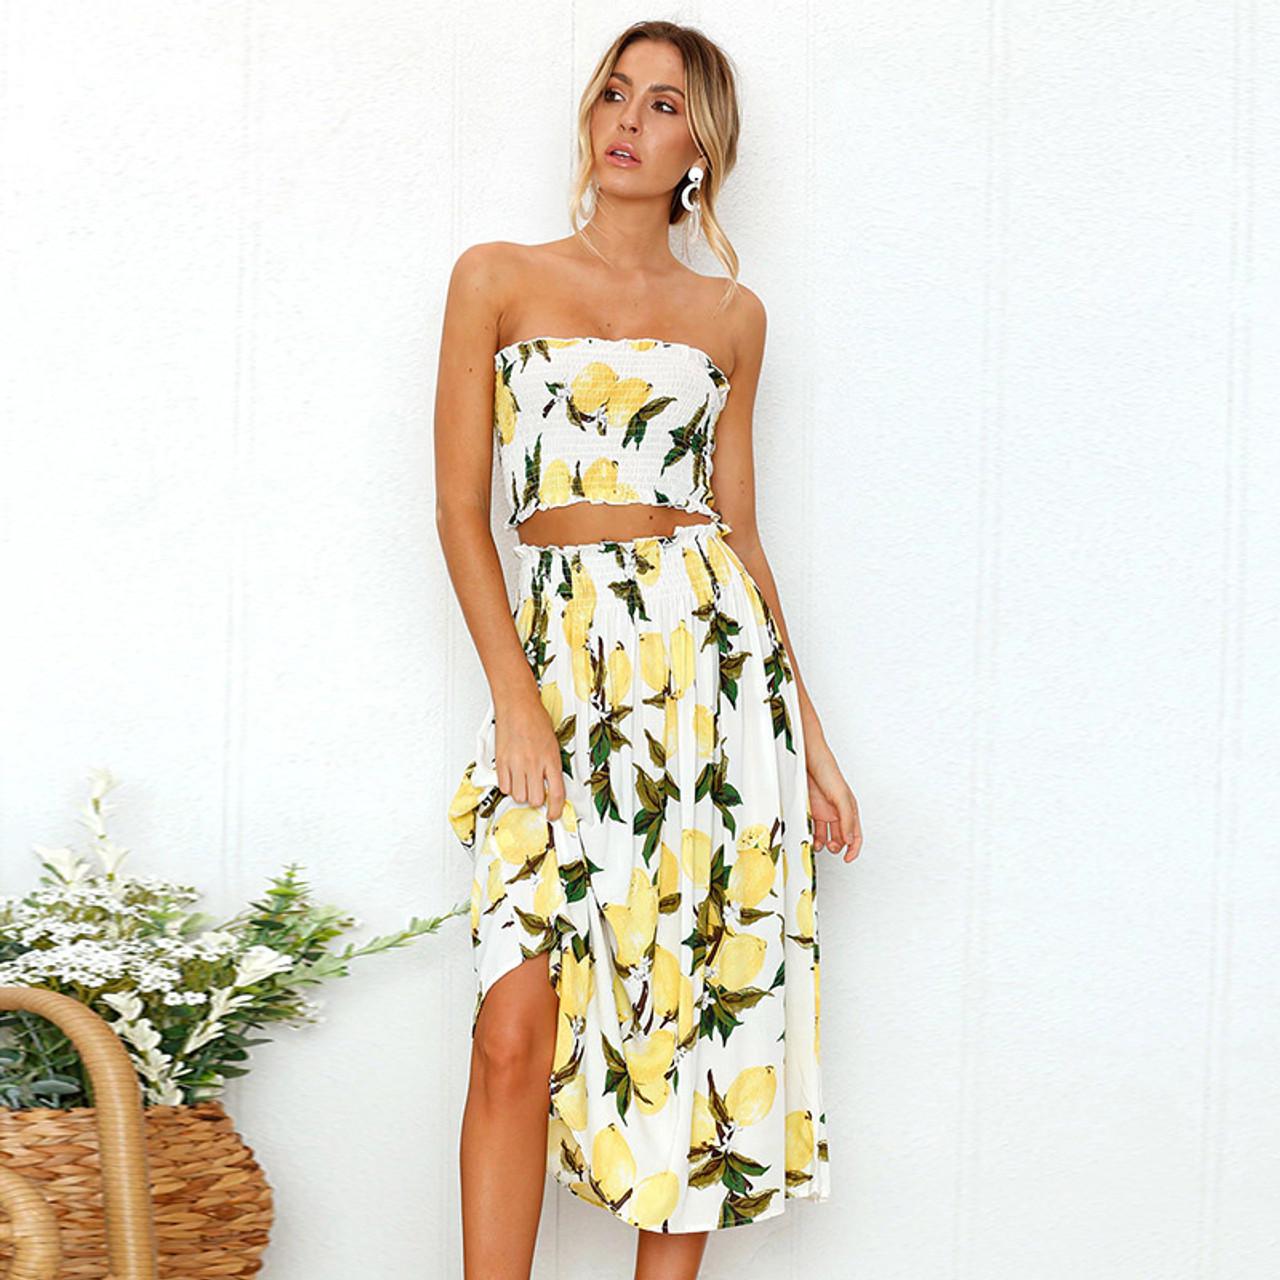 8d67a31a69c9 Summer floral print 2 piece set dress women sexy strapless wrapped crop top  high waist midi dress 2019 beachwear ...